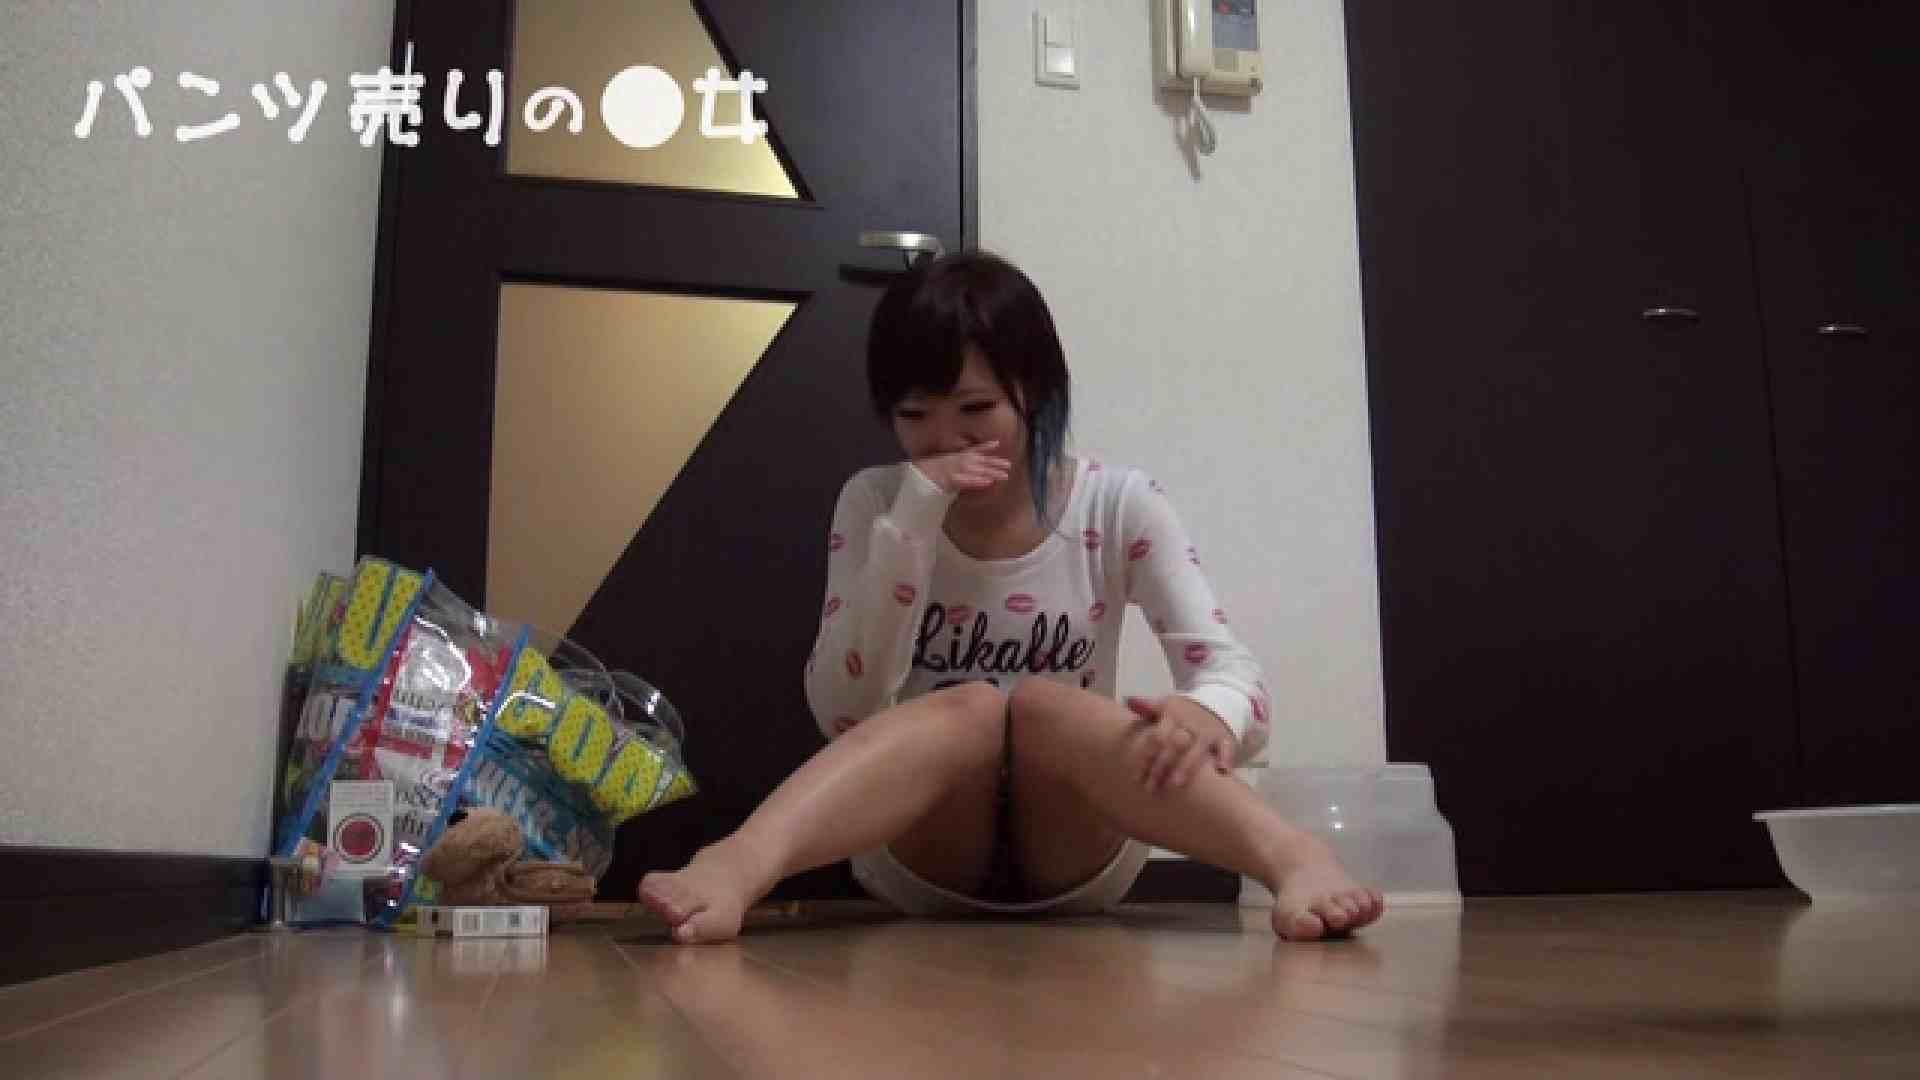 新説 パンツ売りの女の子nana 一般投稿  108枚 32